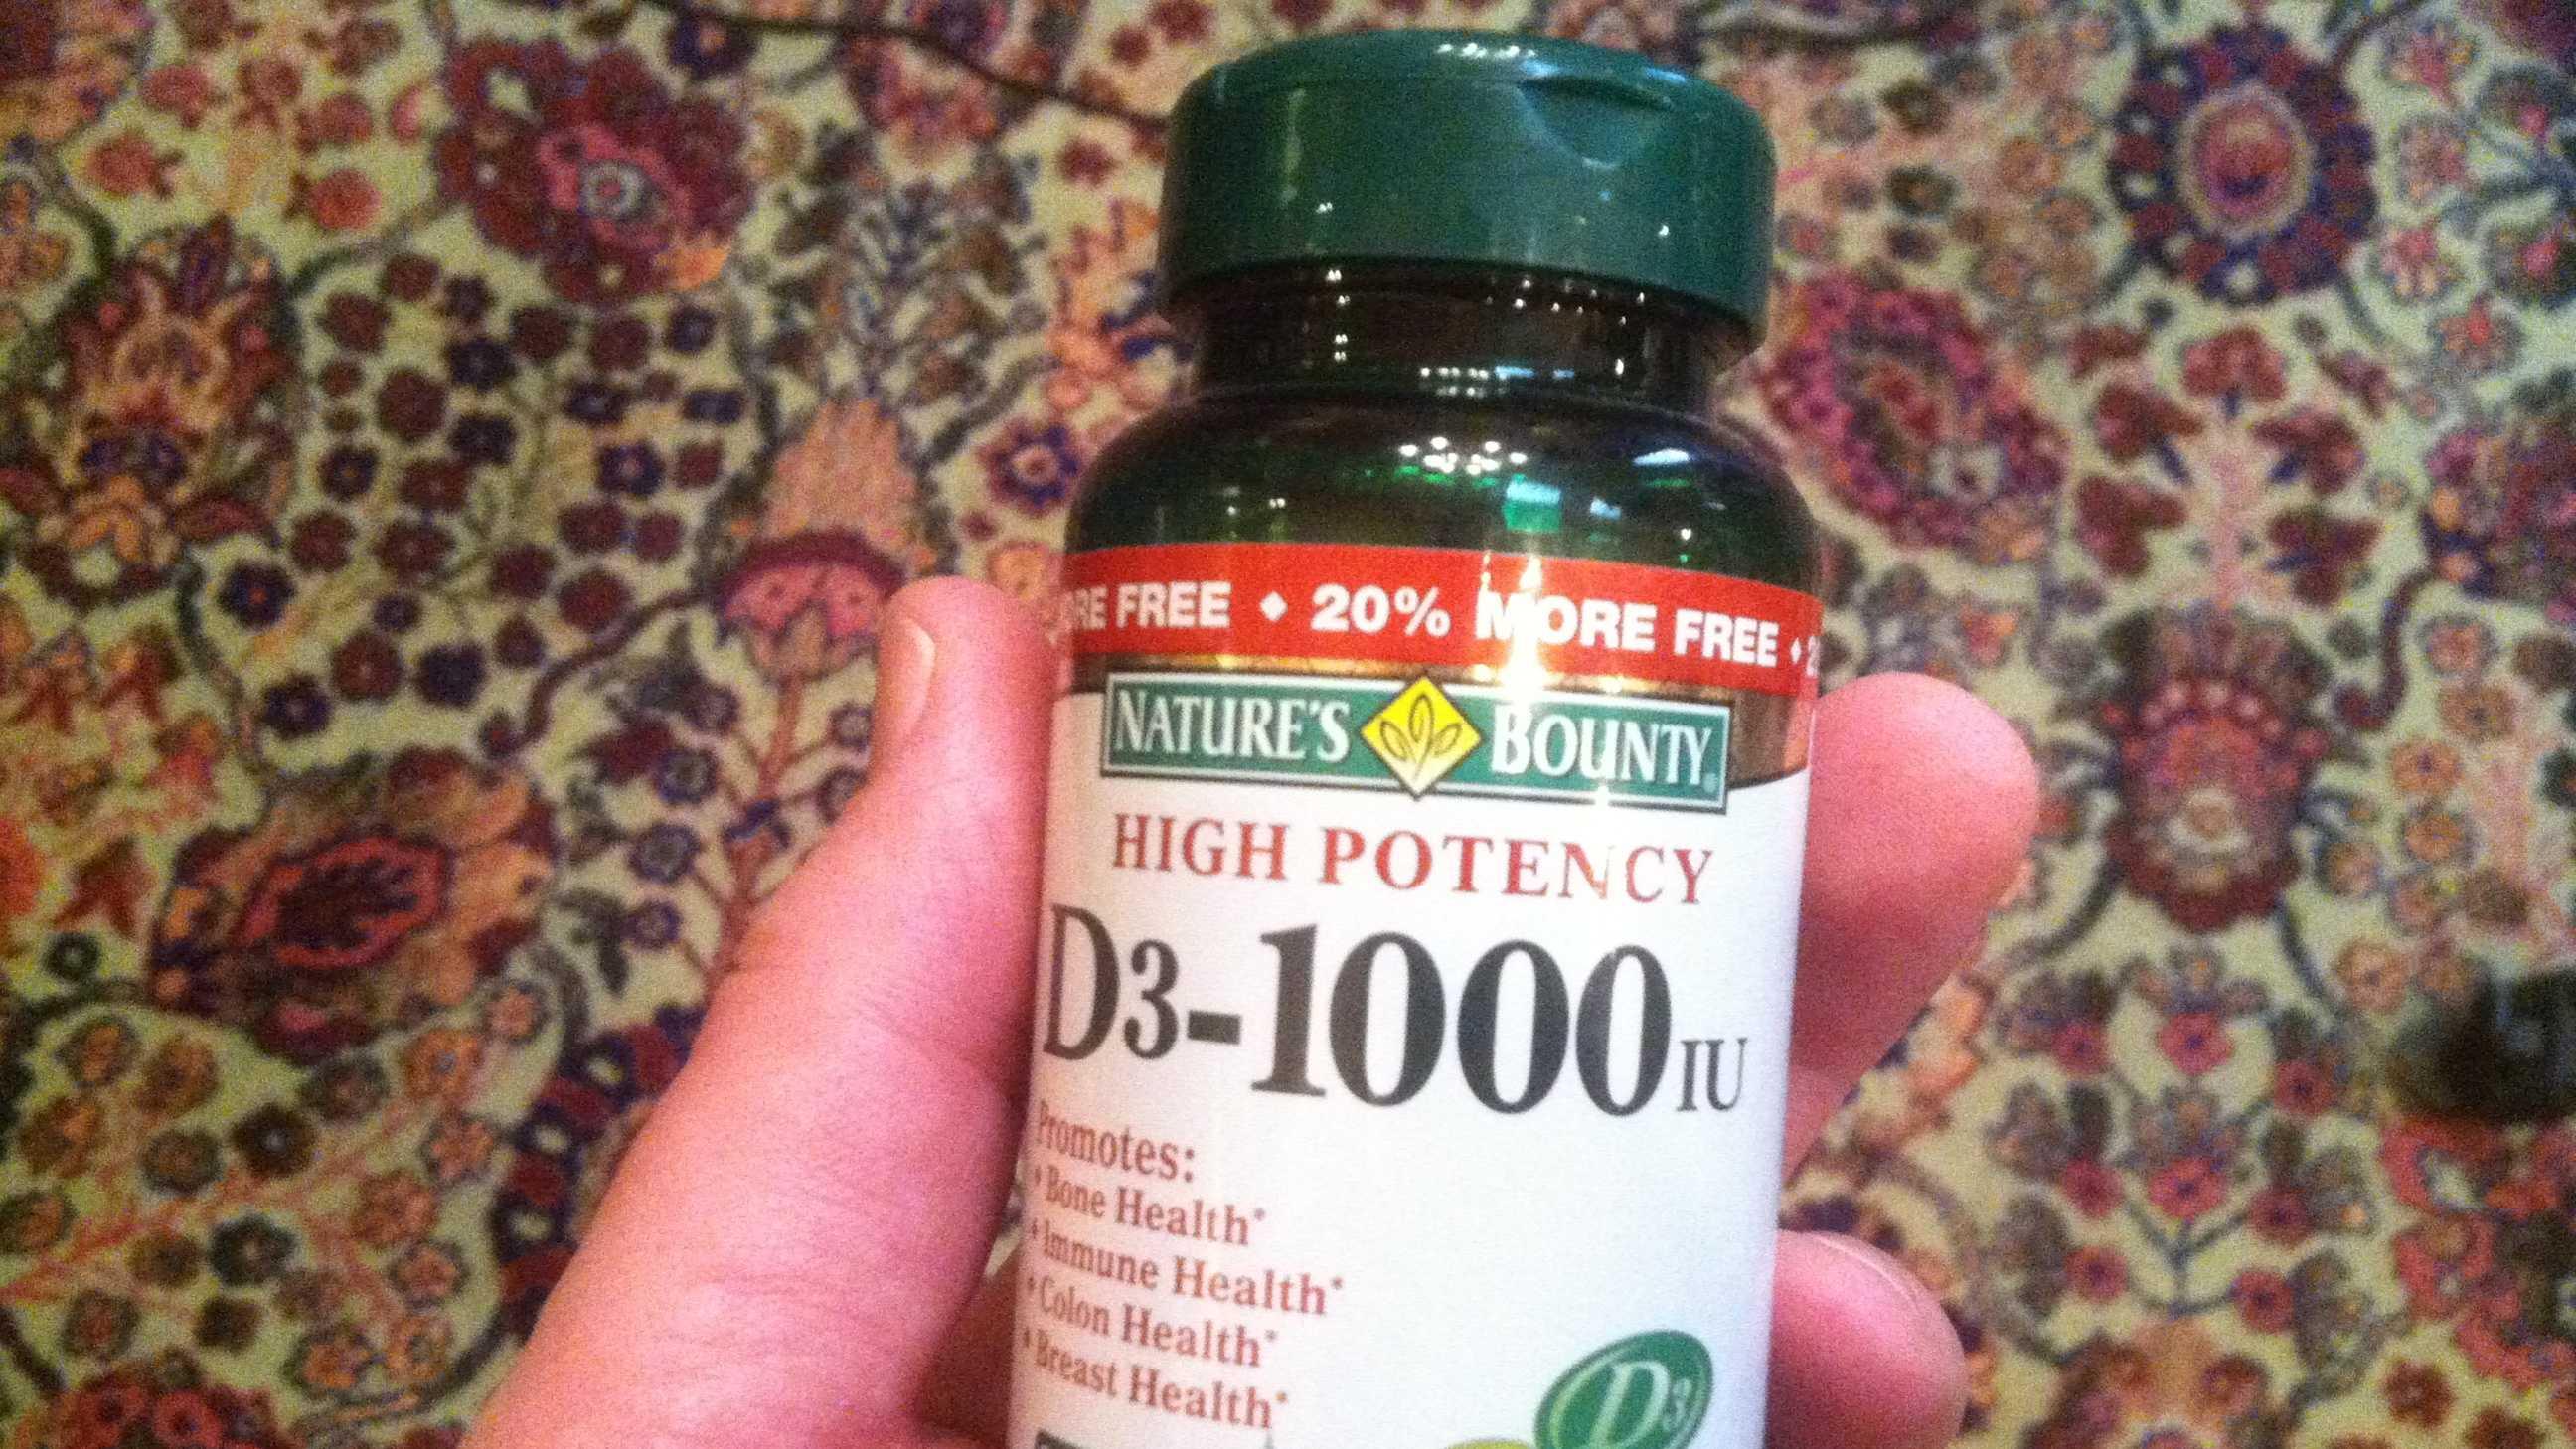 04-11-13 Vitamin tax under fire